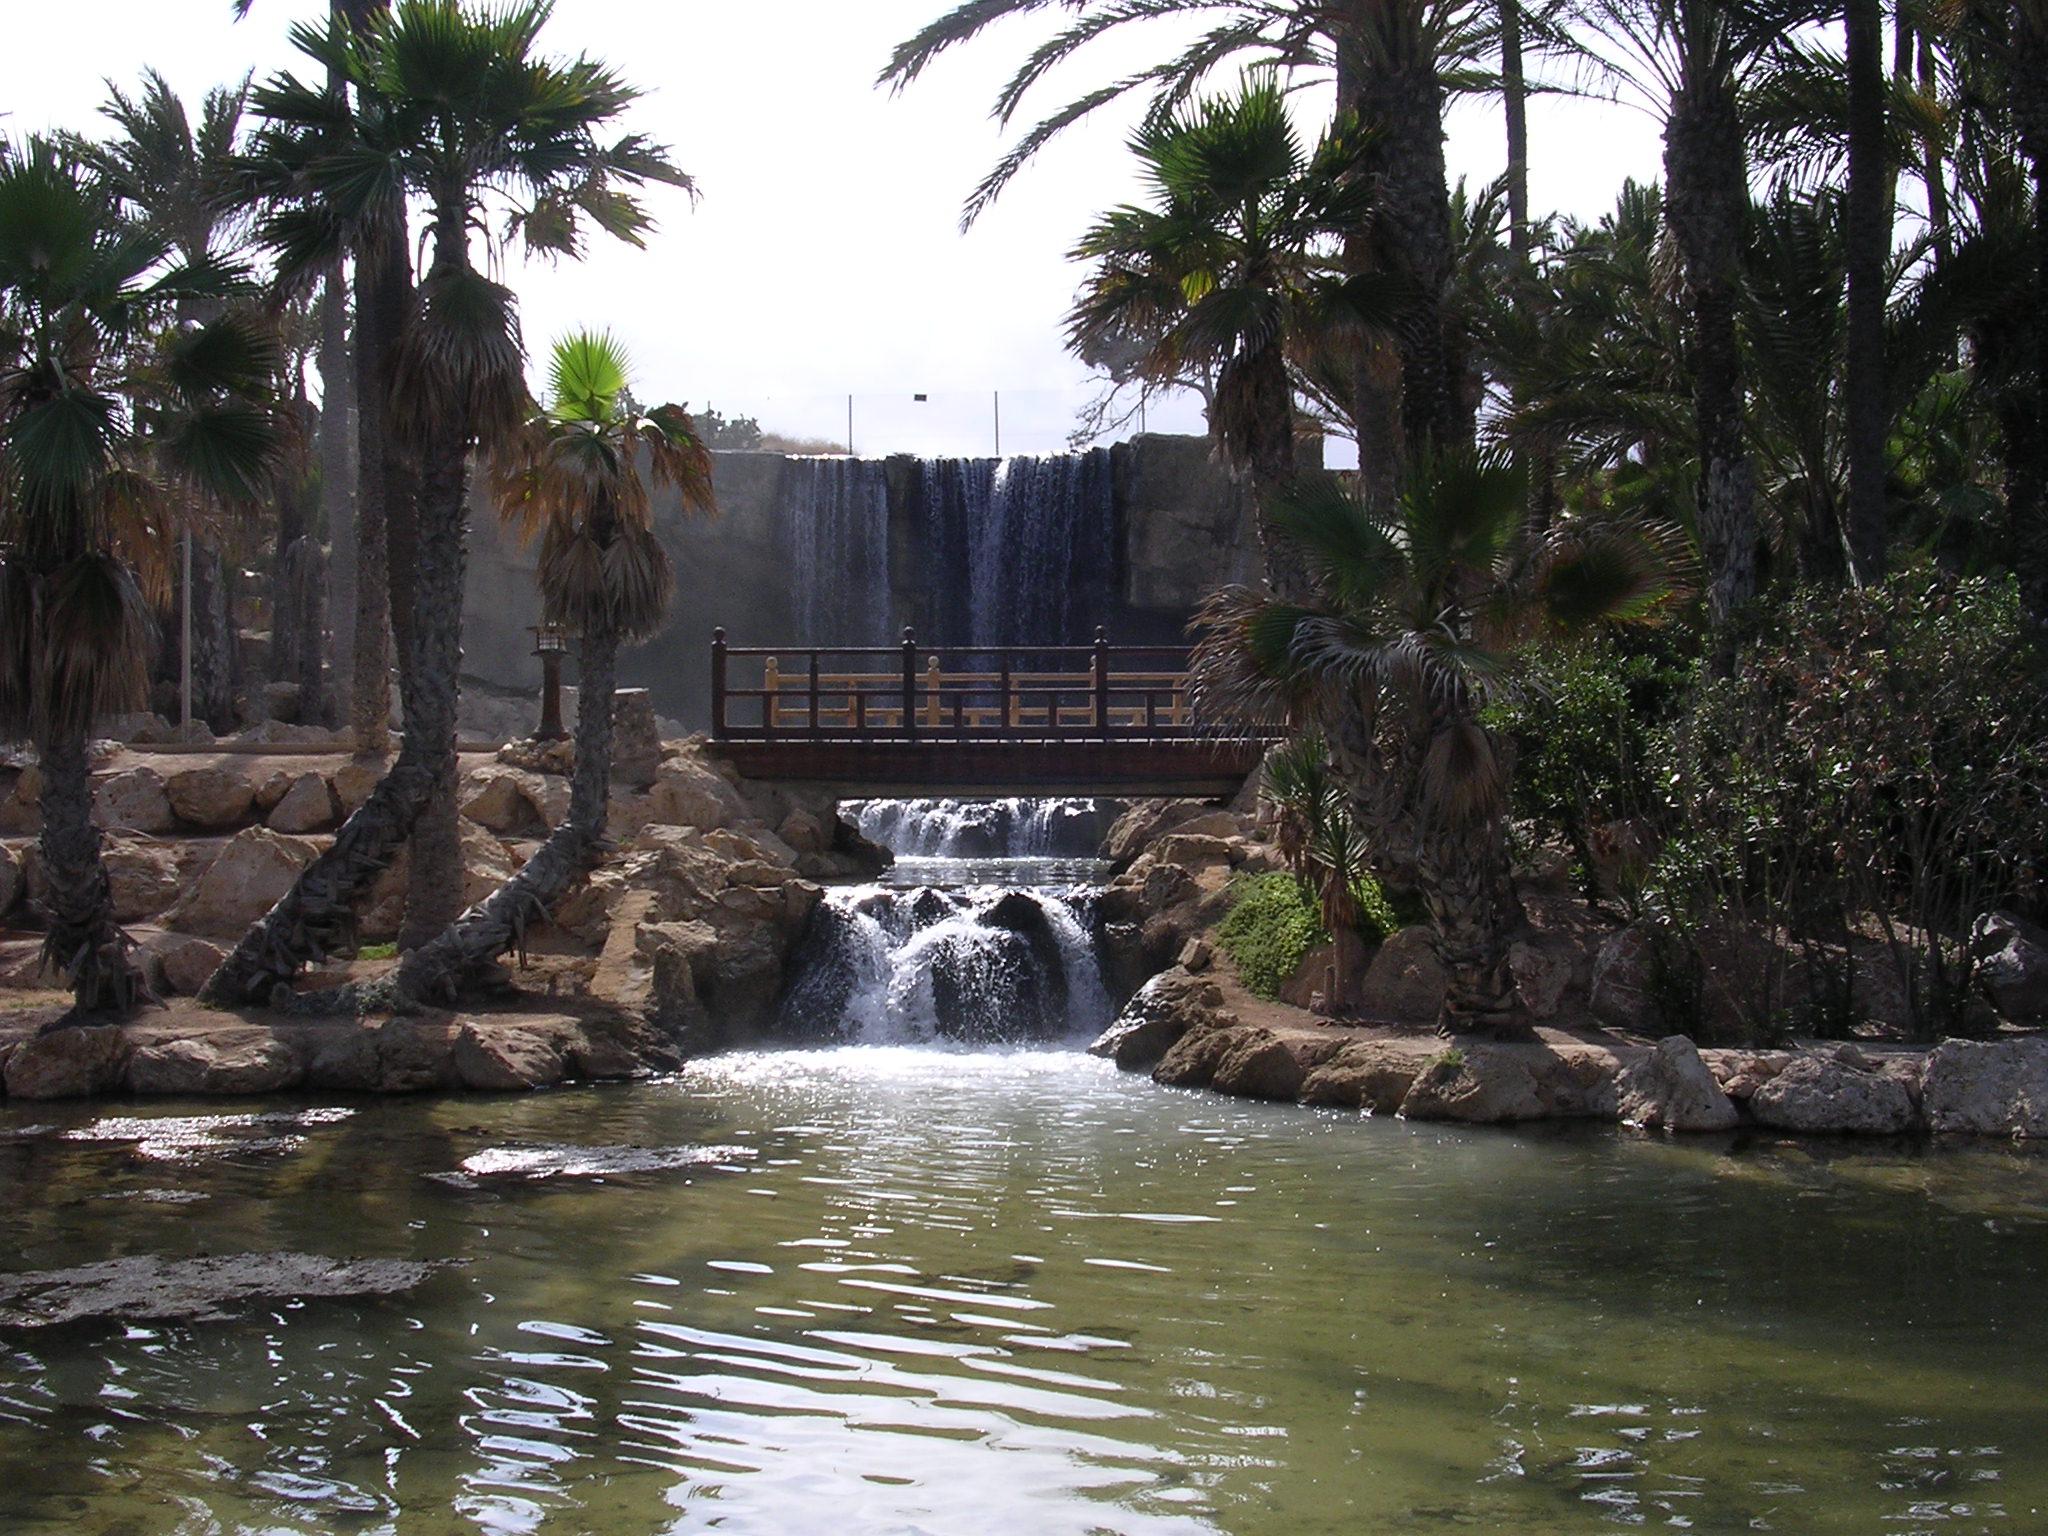 Resultado de imagen de parque el palmeral alicante